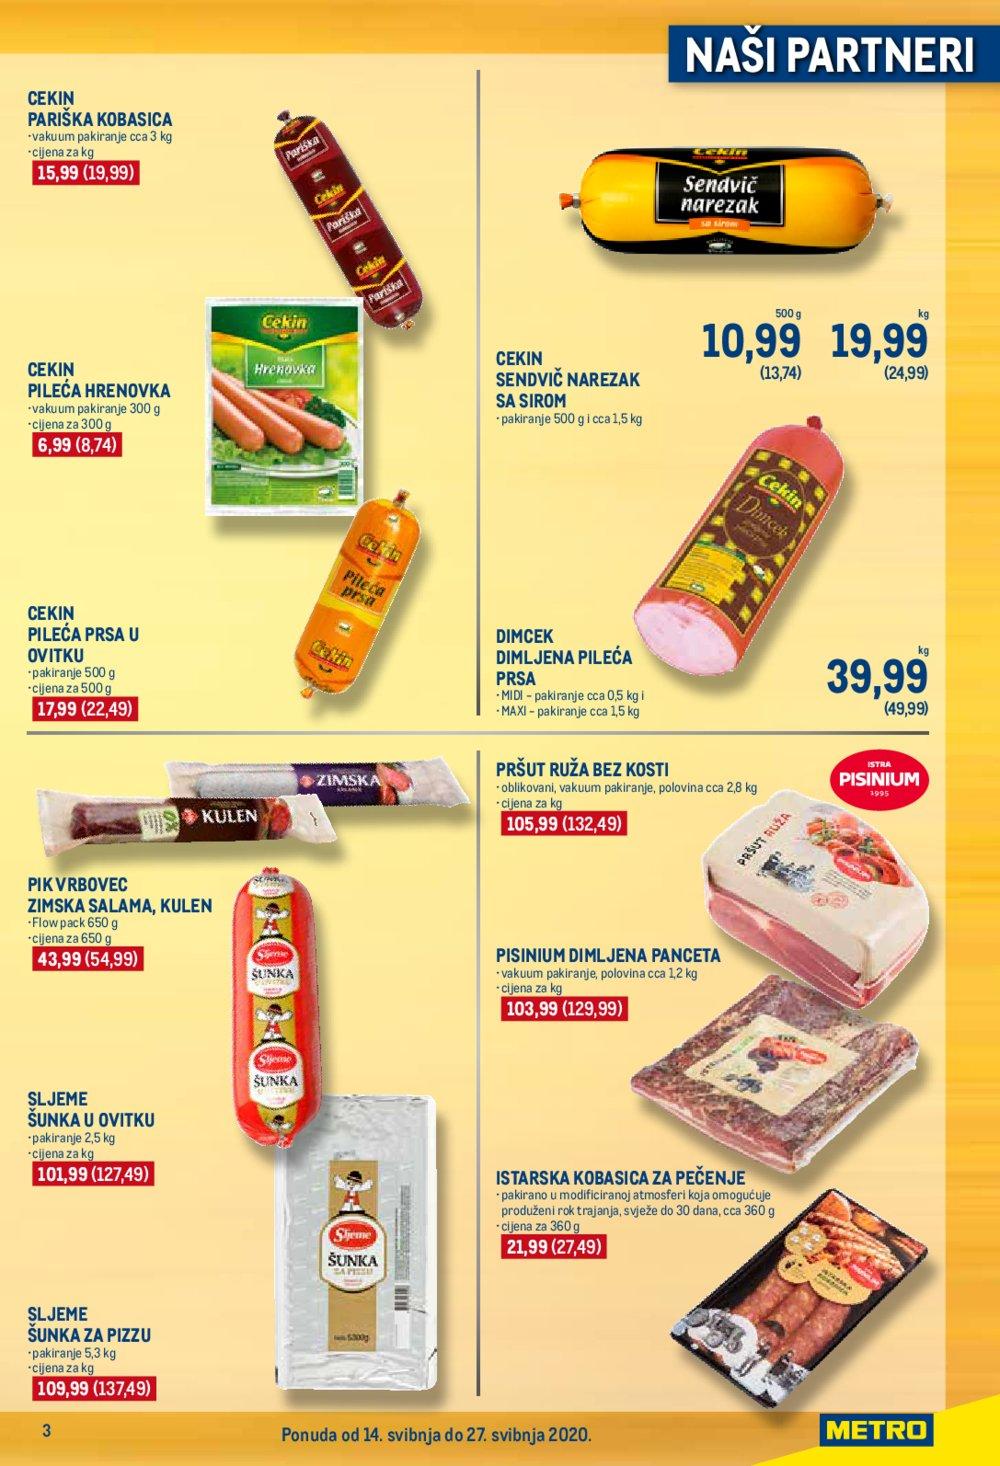 Metro katalog Ponuda partnera 14.05.-27.05.2020.